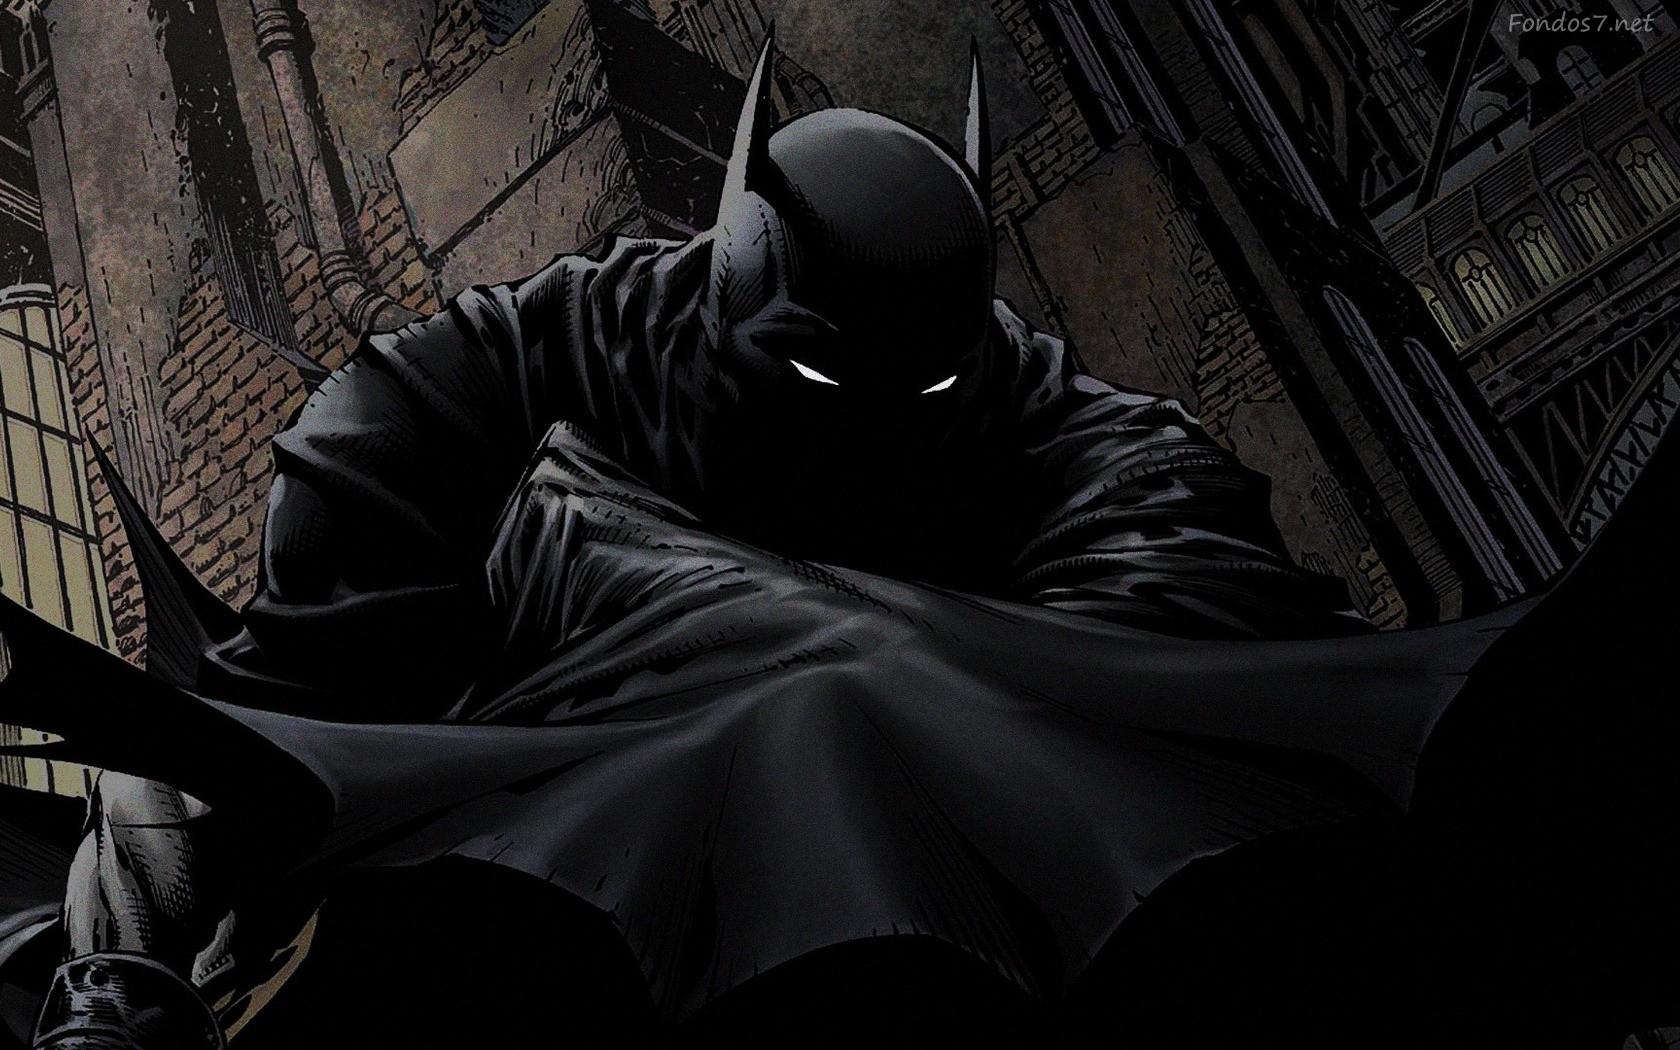 Descargar Fondos de pantalla batman comic hd widescreen Gratis 1680x1050